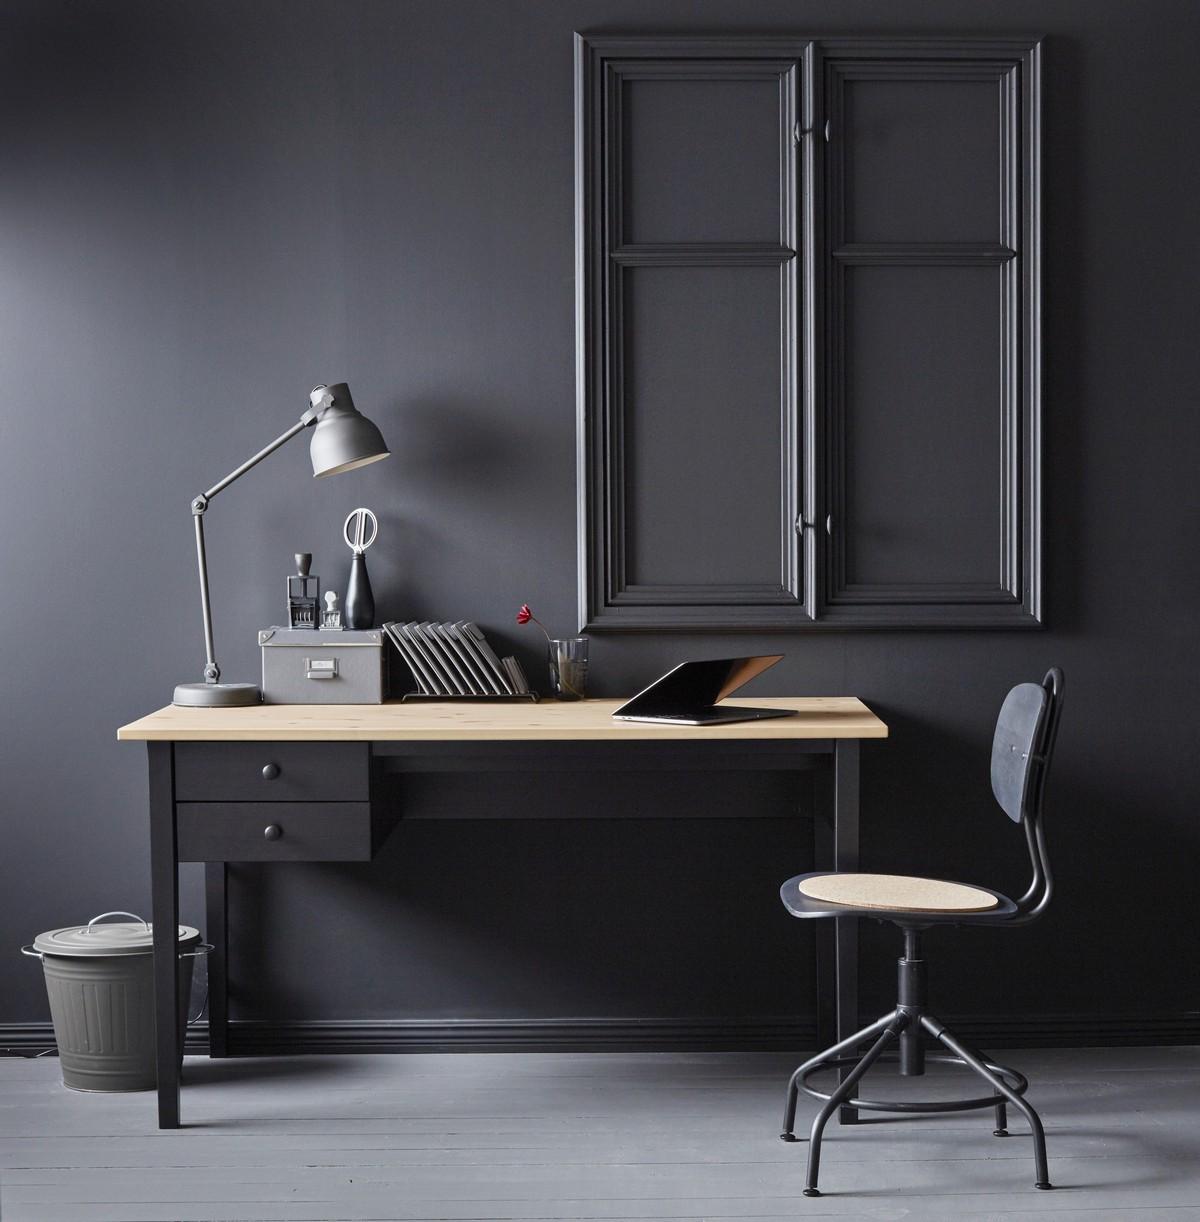 Scrivania Angolare Computer Mikael Ikea.Ikea Catalogo 2019 Novita Foto Sette Case Diverse Stili